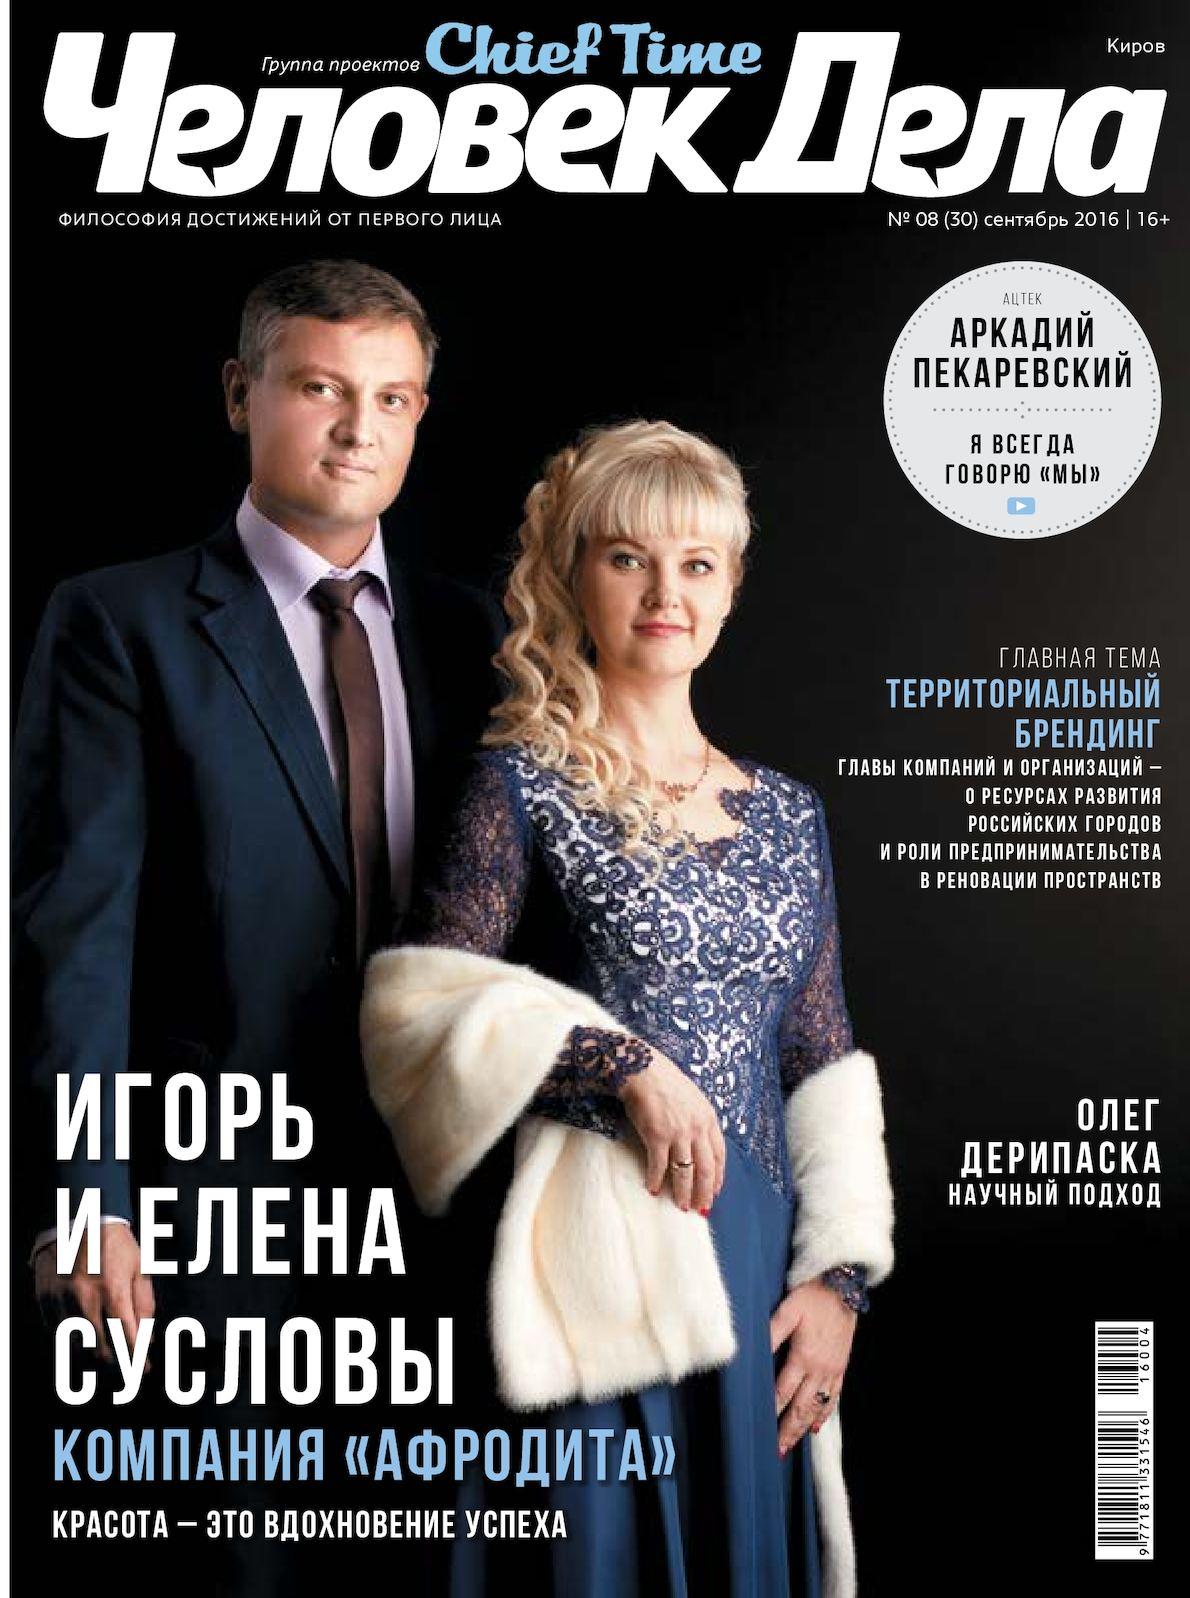 Маг николаев игорь леонидович занимается с клиентками сексом